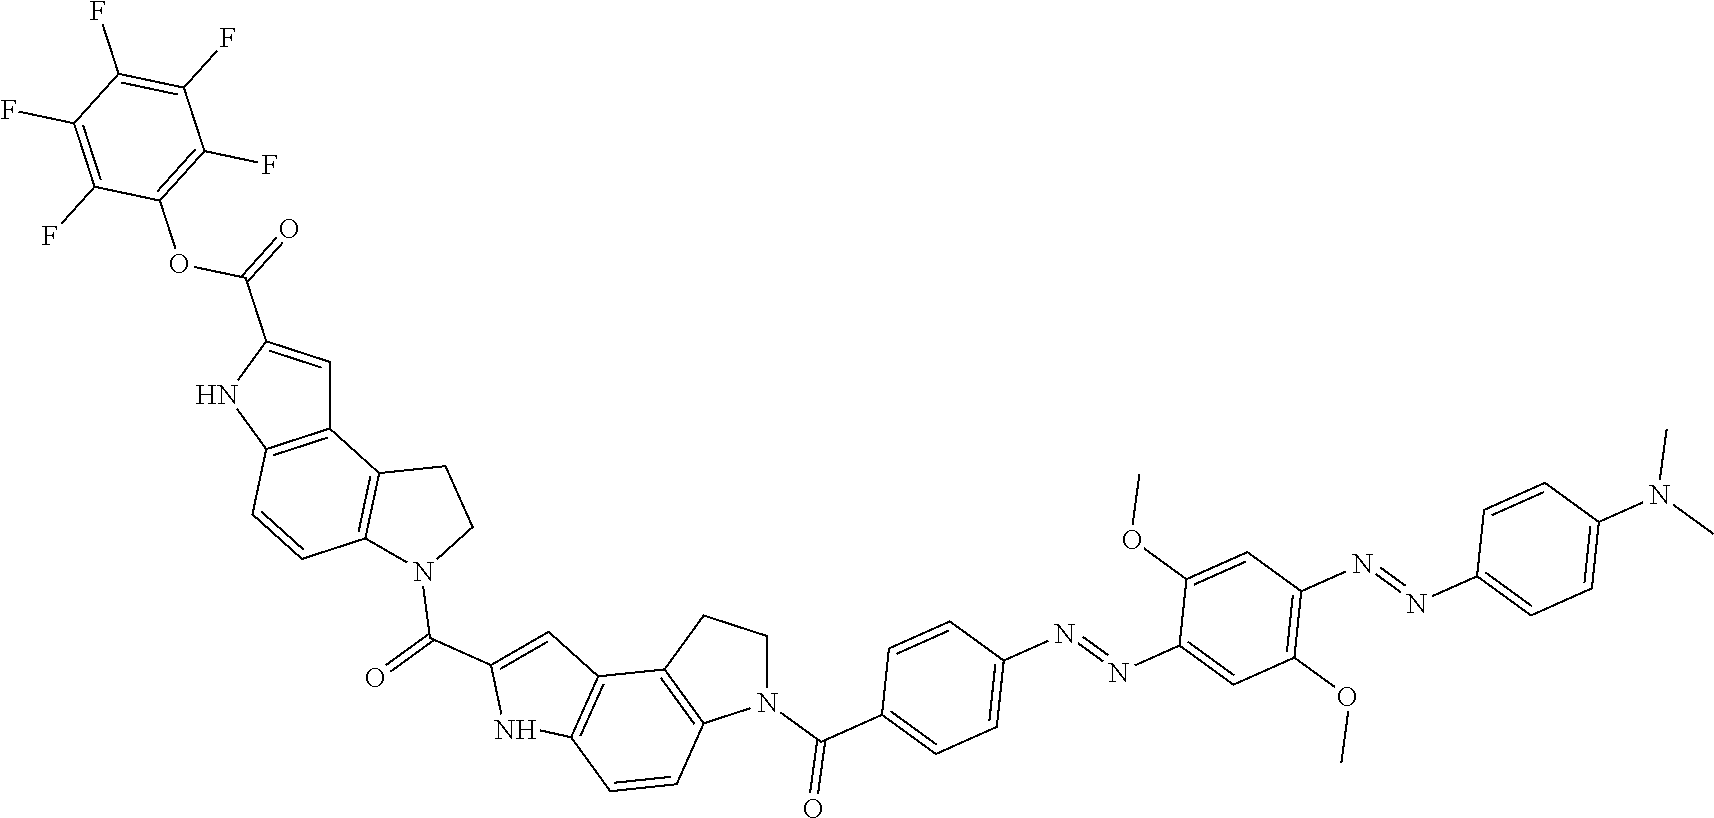 Figure US20190064067A1-20190228-C00064